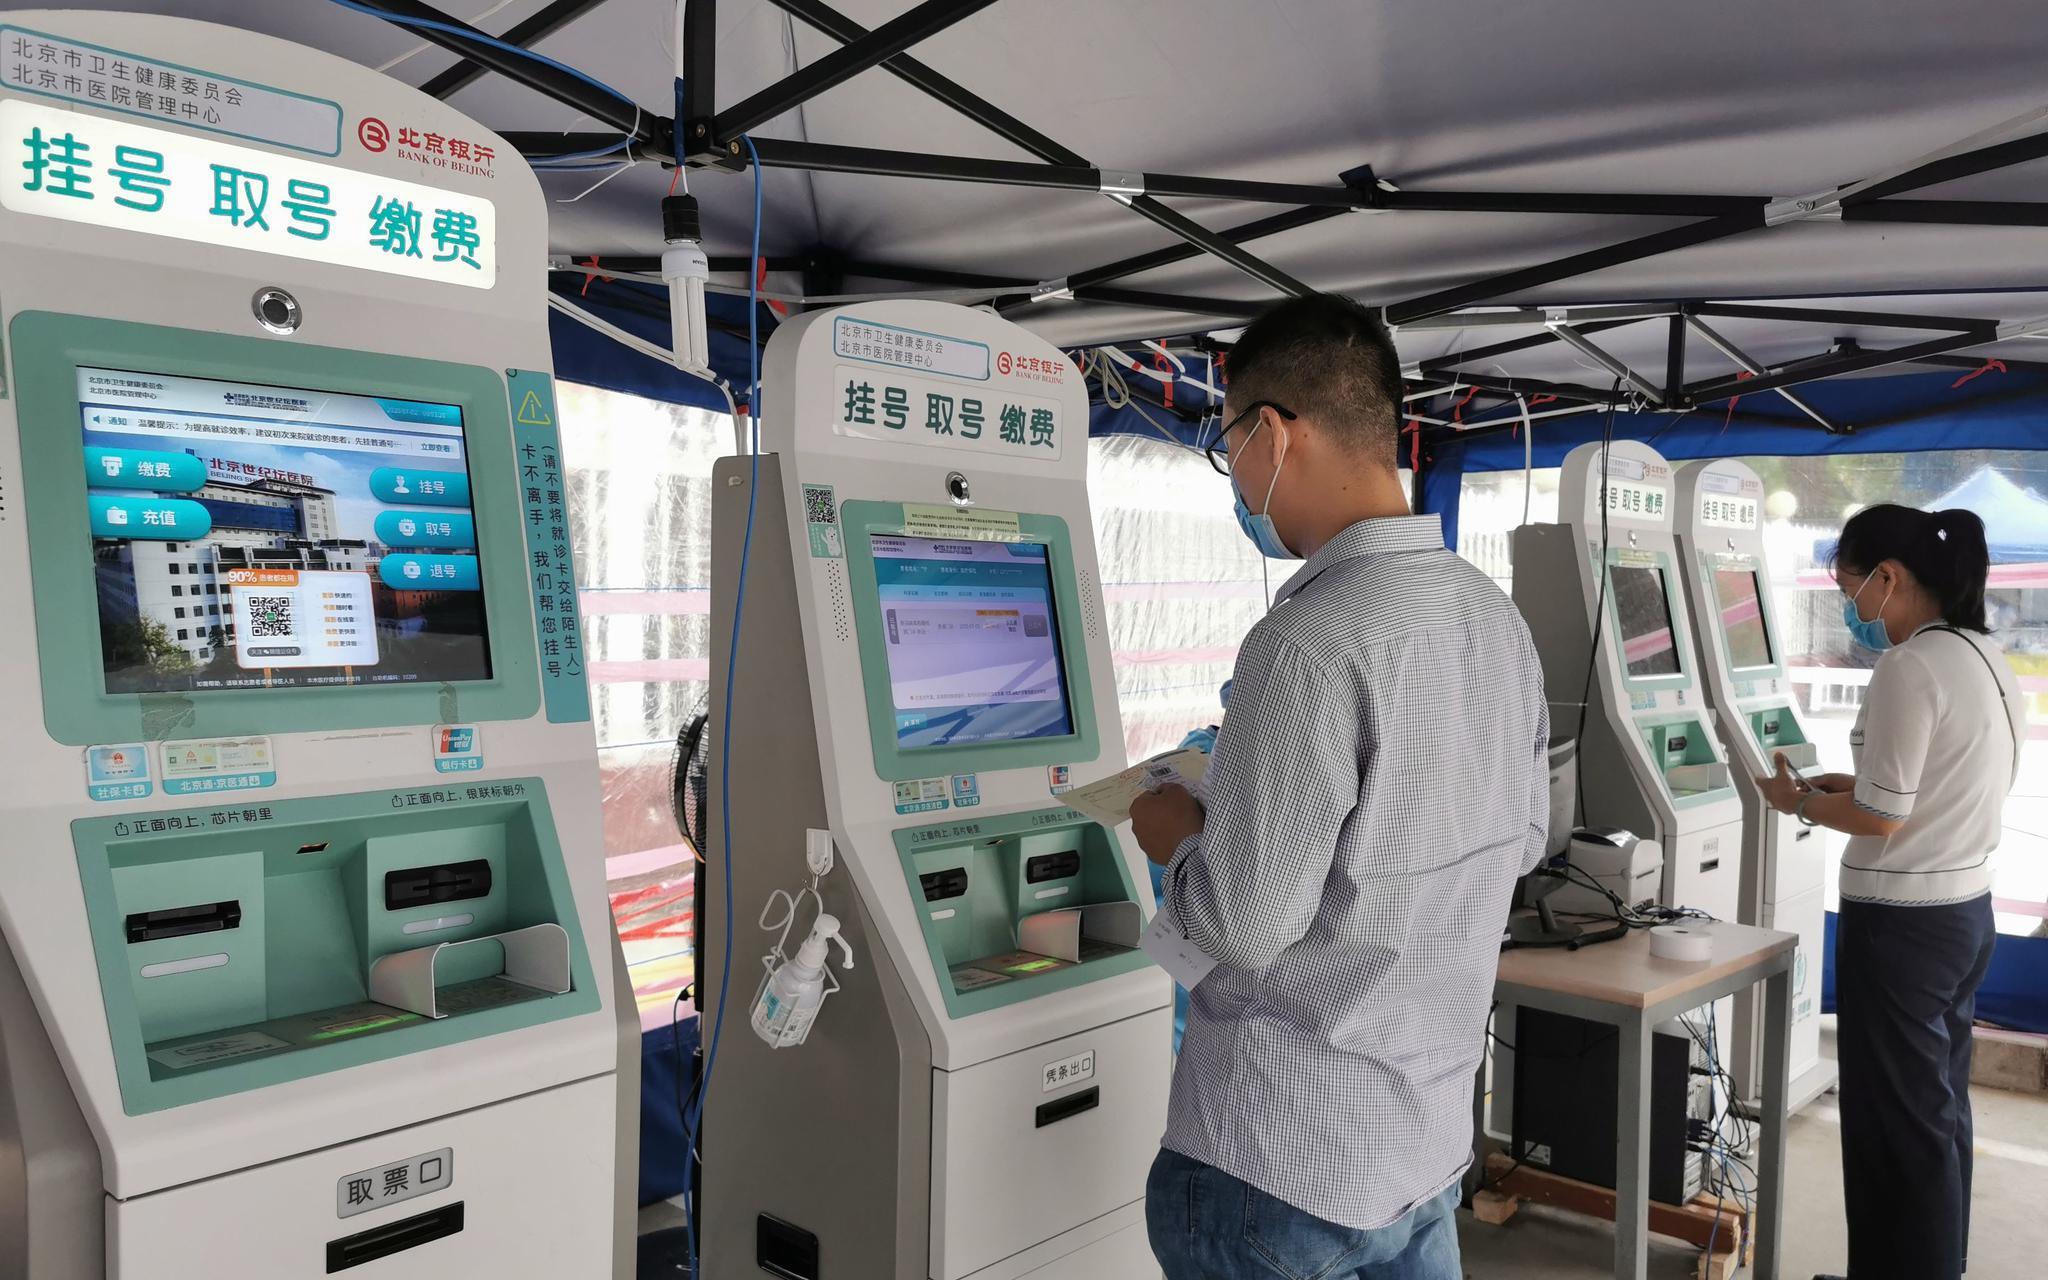 世纪坛医院,想检测核酸的市民可在自助机开单、缴费。世纪坛医院供图